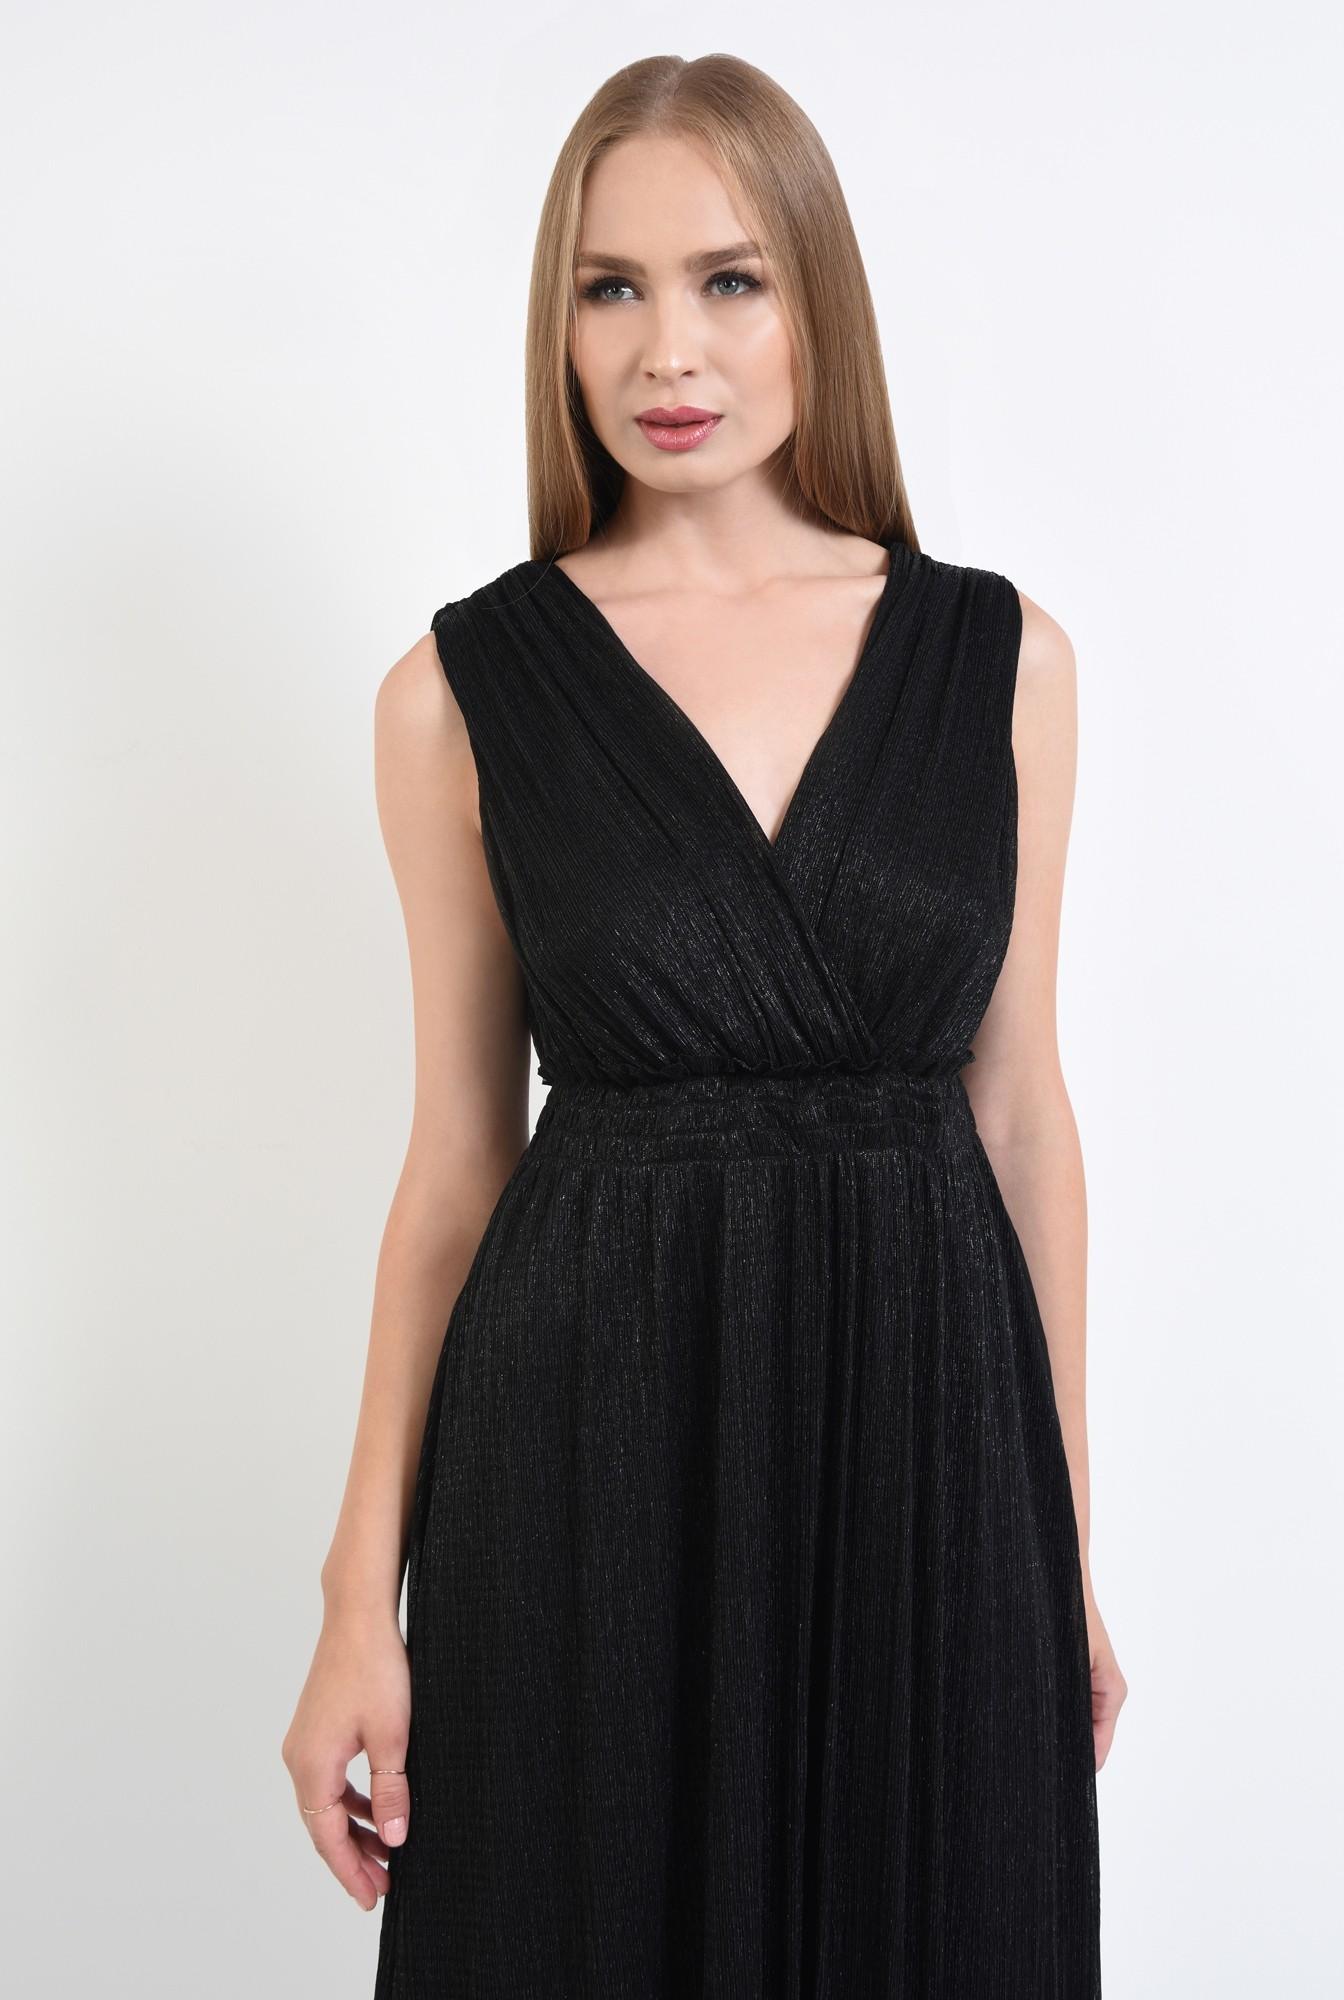 2 - rochie de seara, lurex, negru, spate gol, snur, cu funda